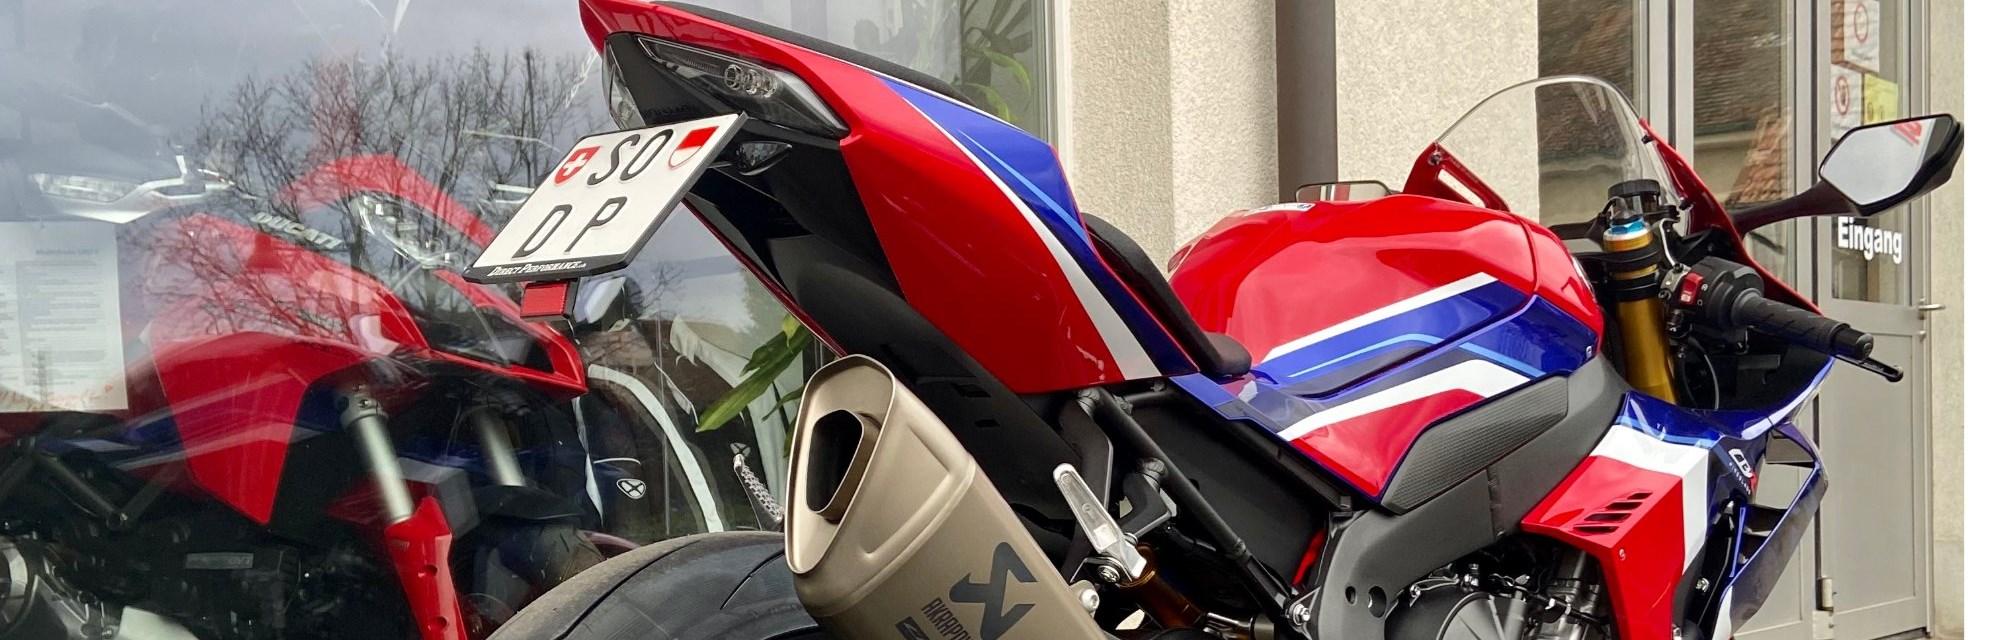 Die neue DP Moto GP-Style spezial Nummern-Halterung (verstellbar) für die 2020 Honda CBR 1000 RR-R (+SP) ab jetzt erhältlich.